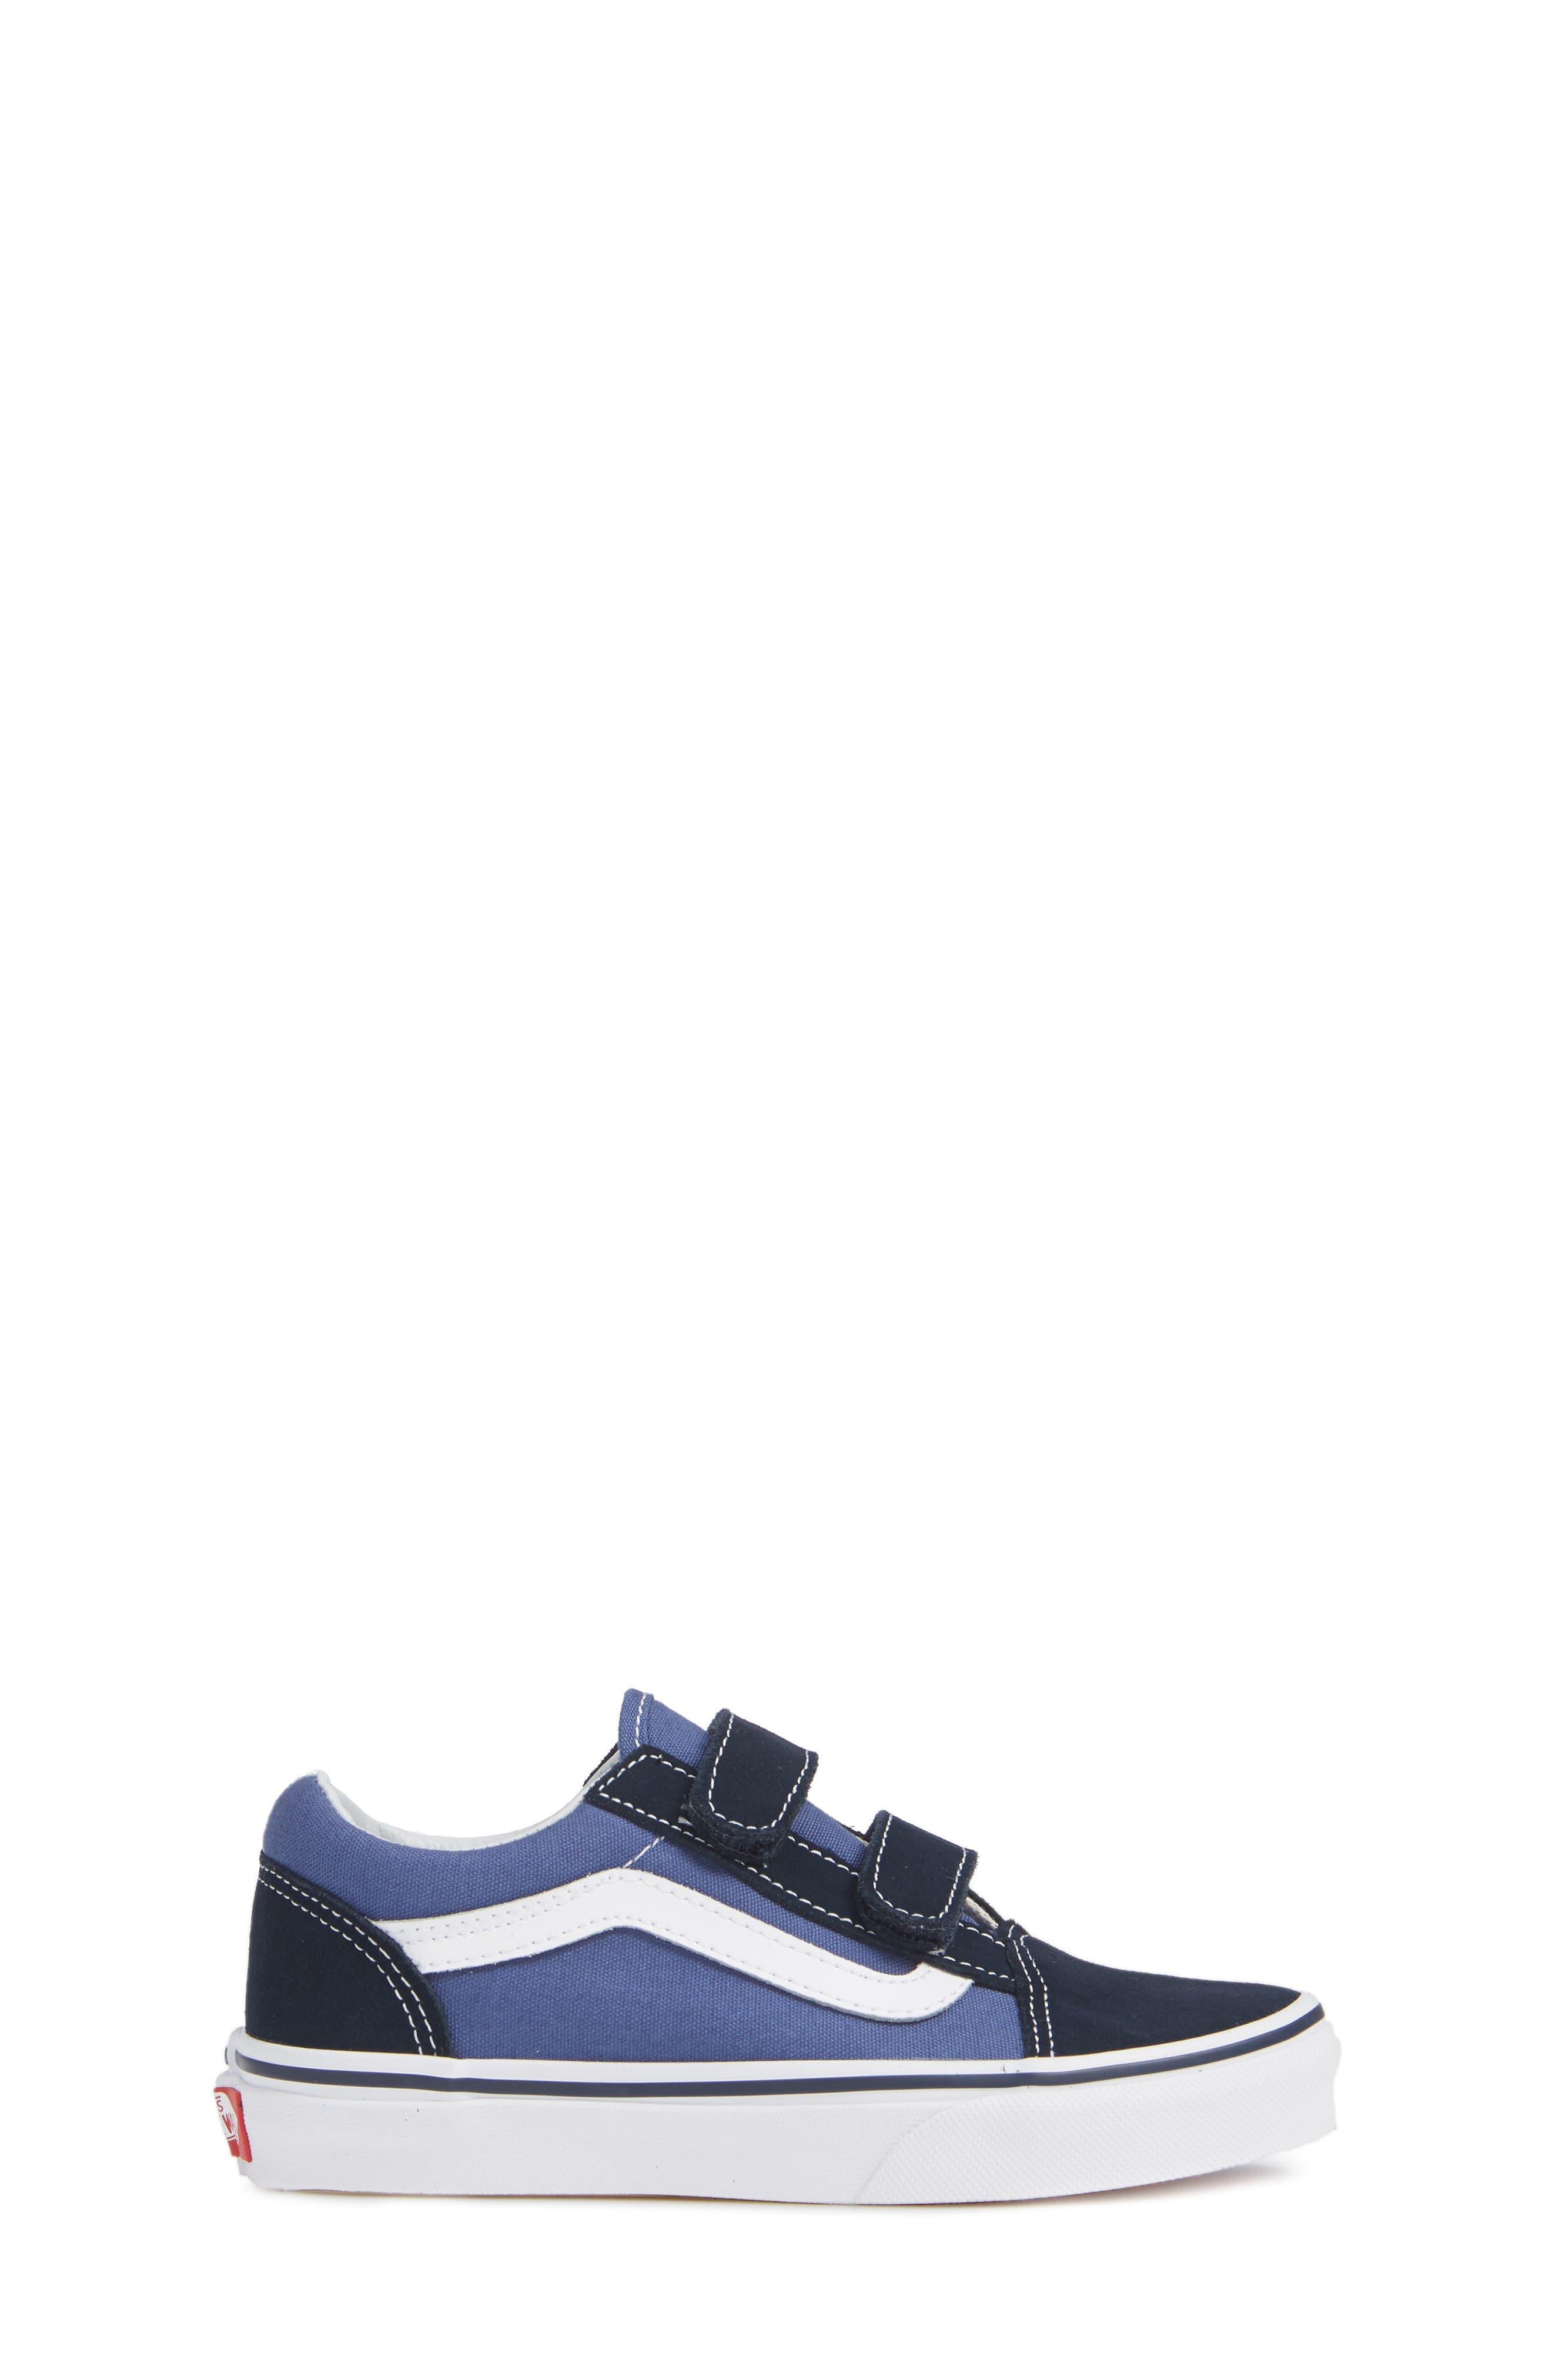 Old Skool V Sneaker,                             Alternate thumbnail 3, color,                             NAVY/ TRUE WHITE